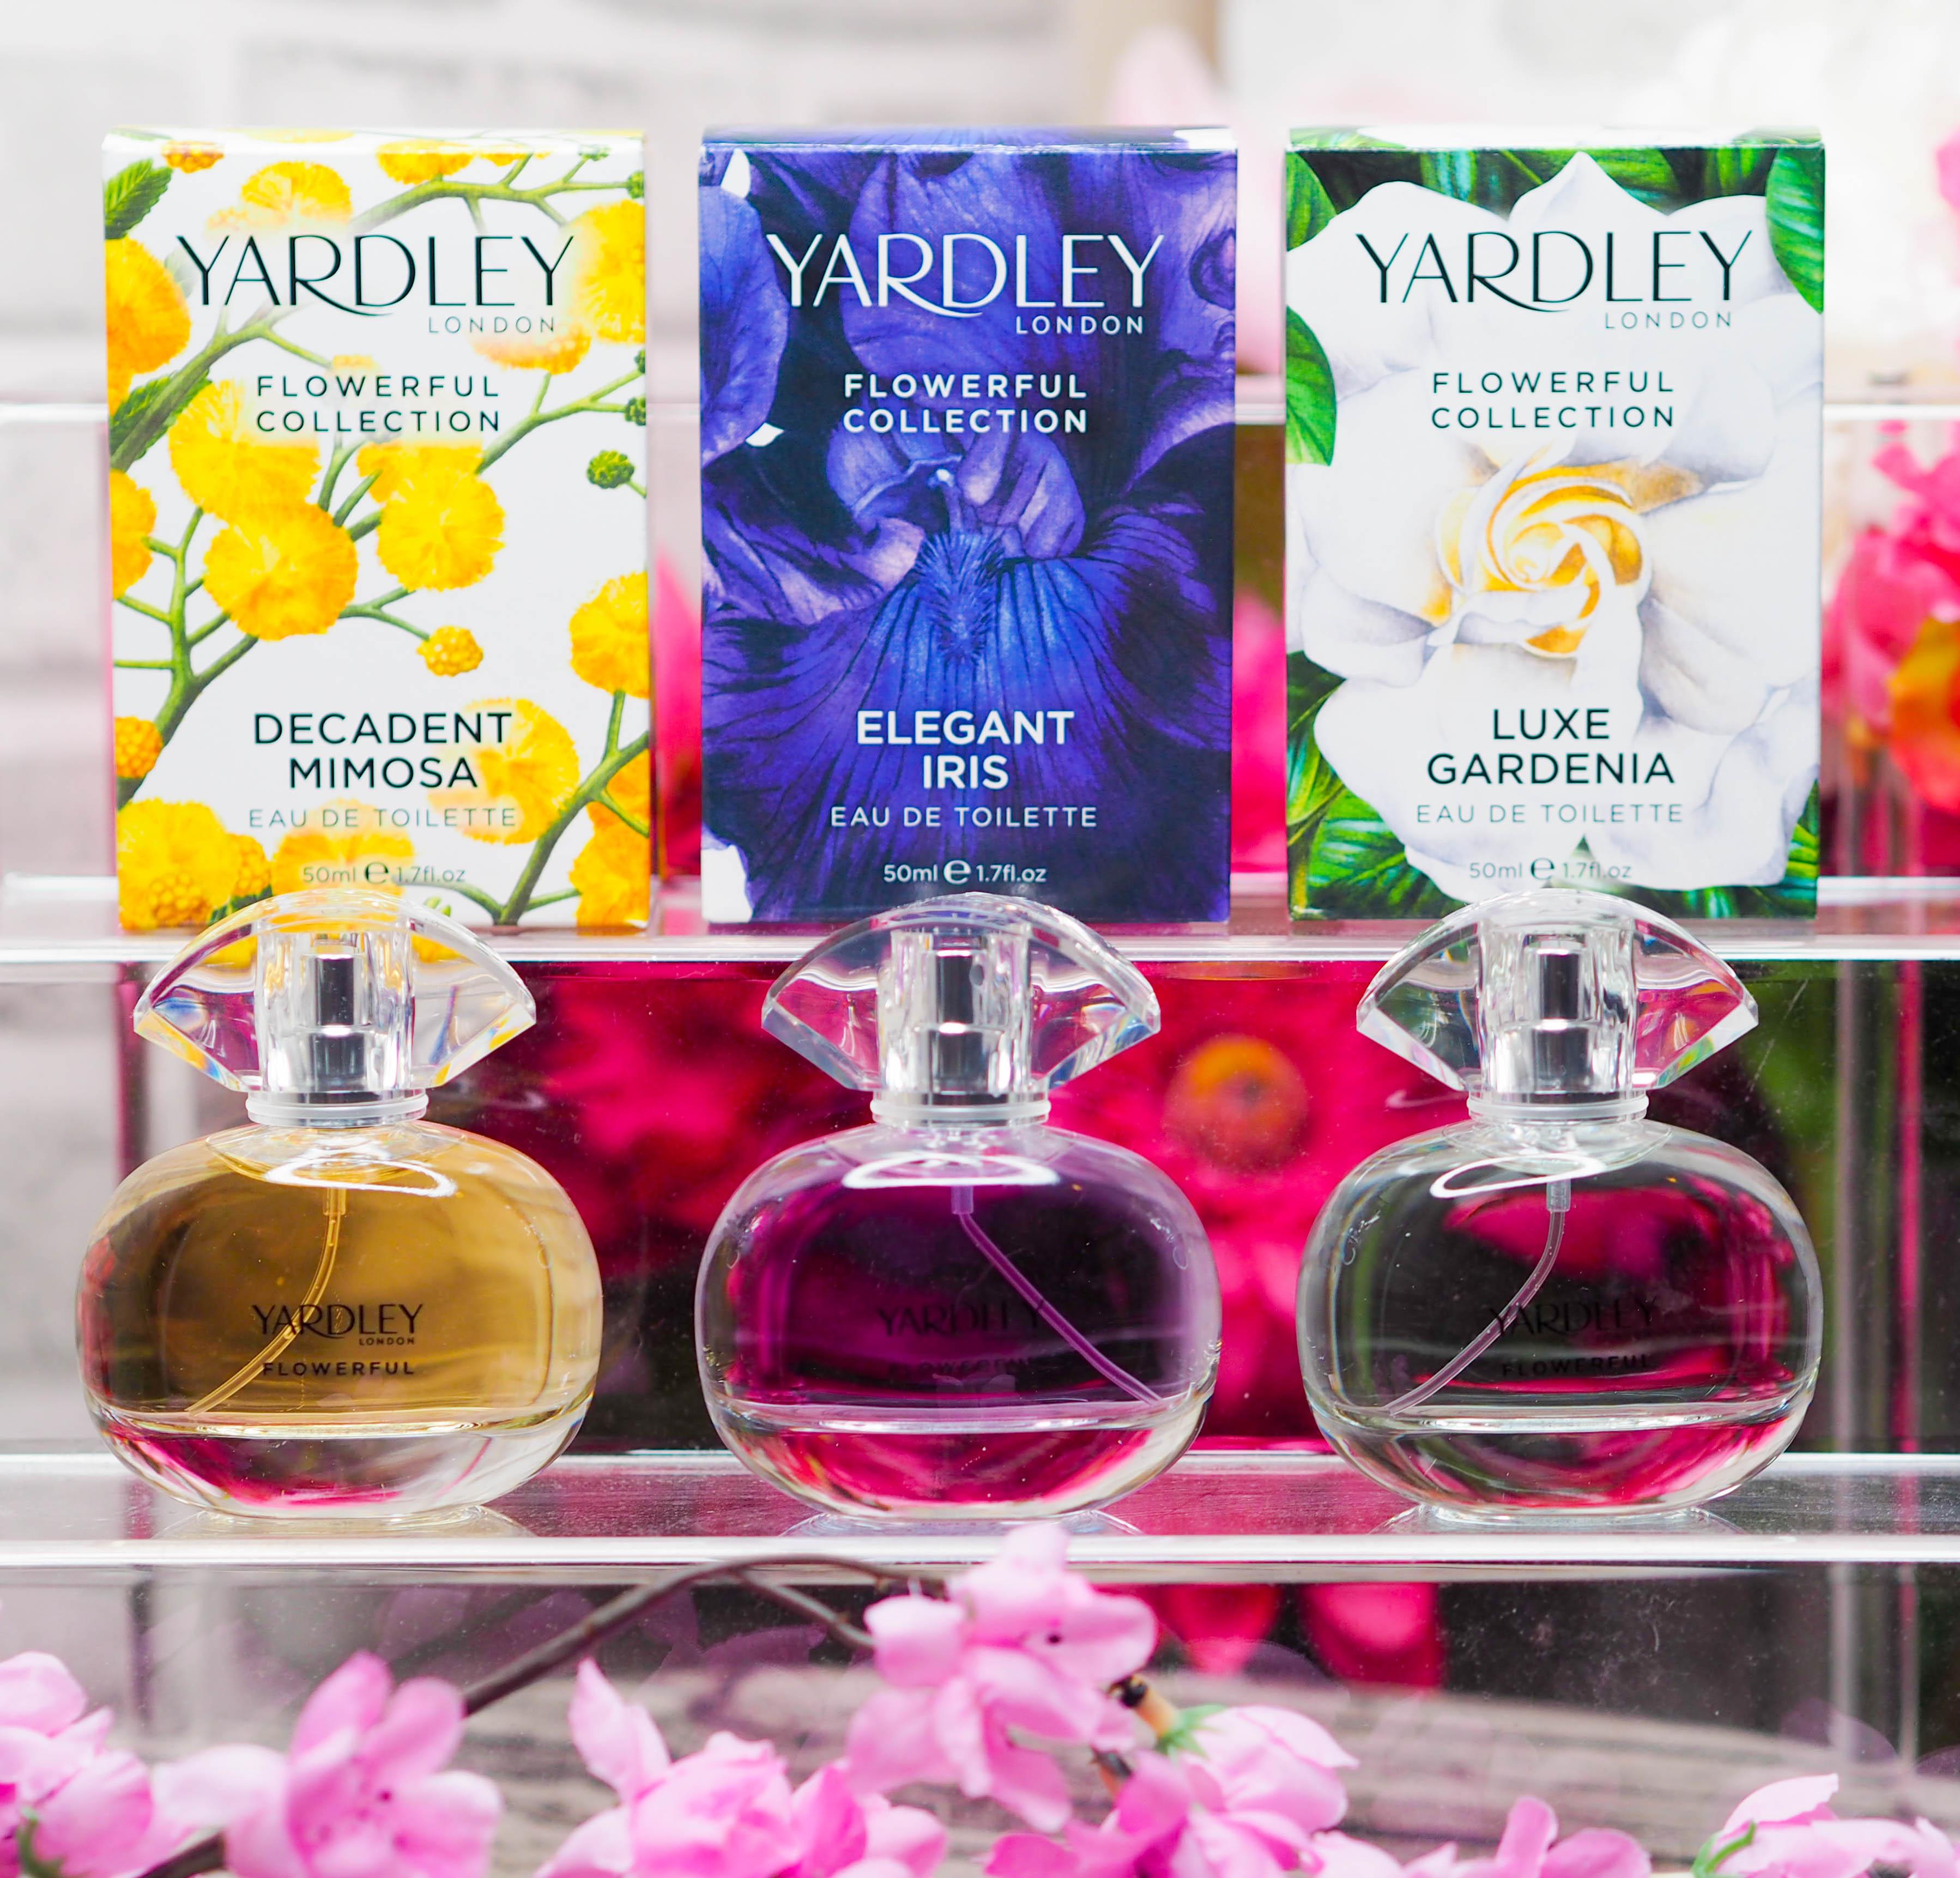 Yardley Flowerful